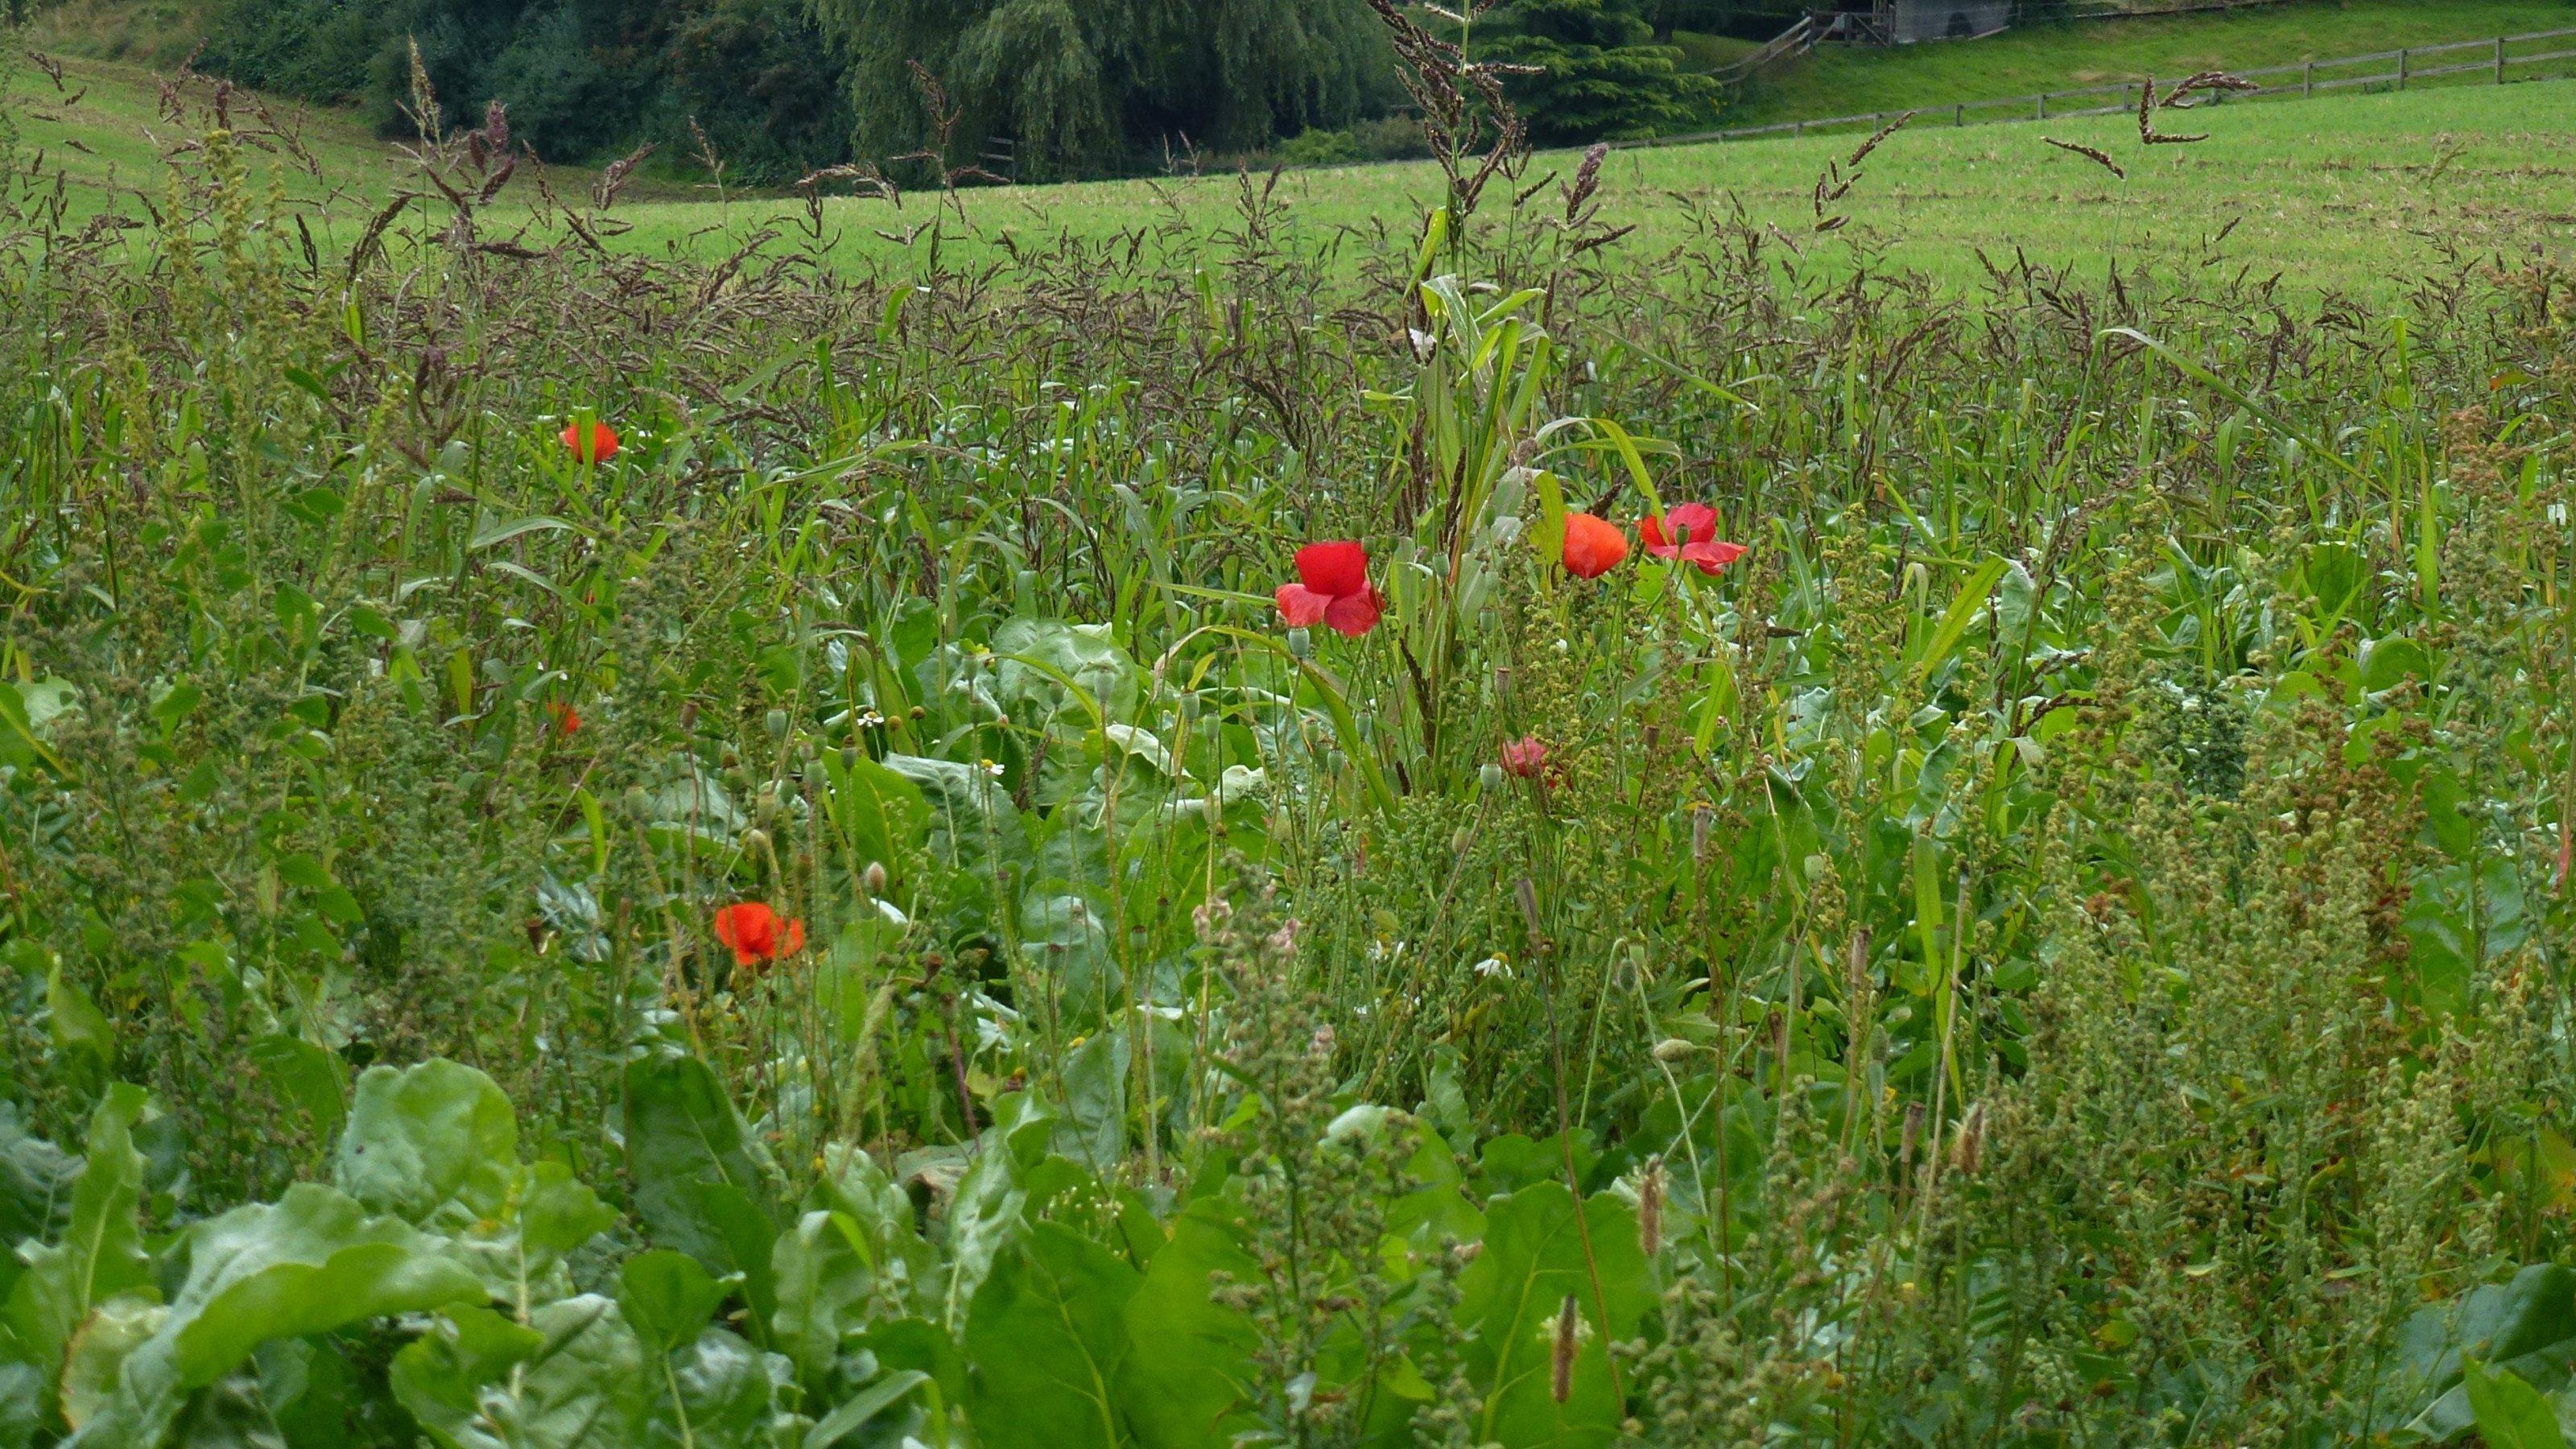 Ein Blühstreifen mit Mohnblumen am Rand eines Feldes